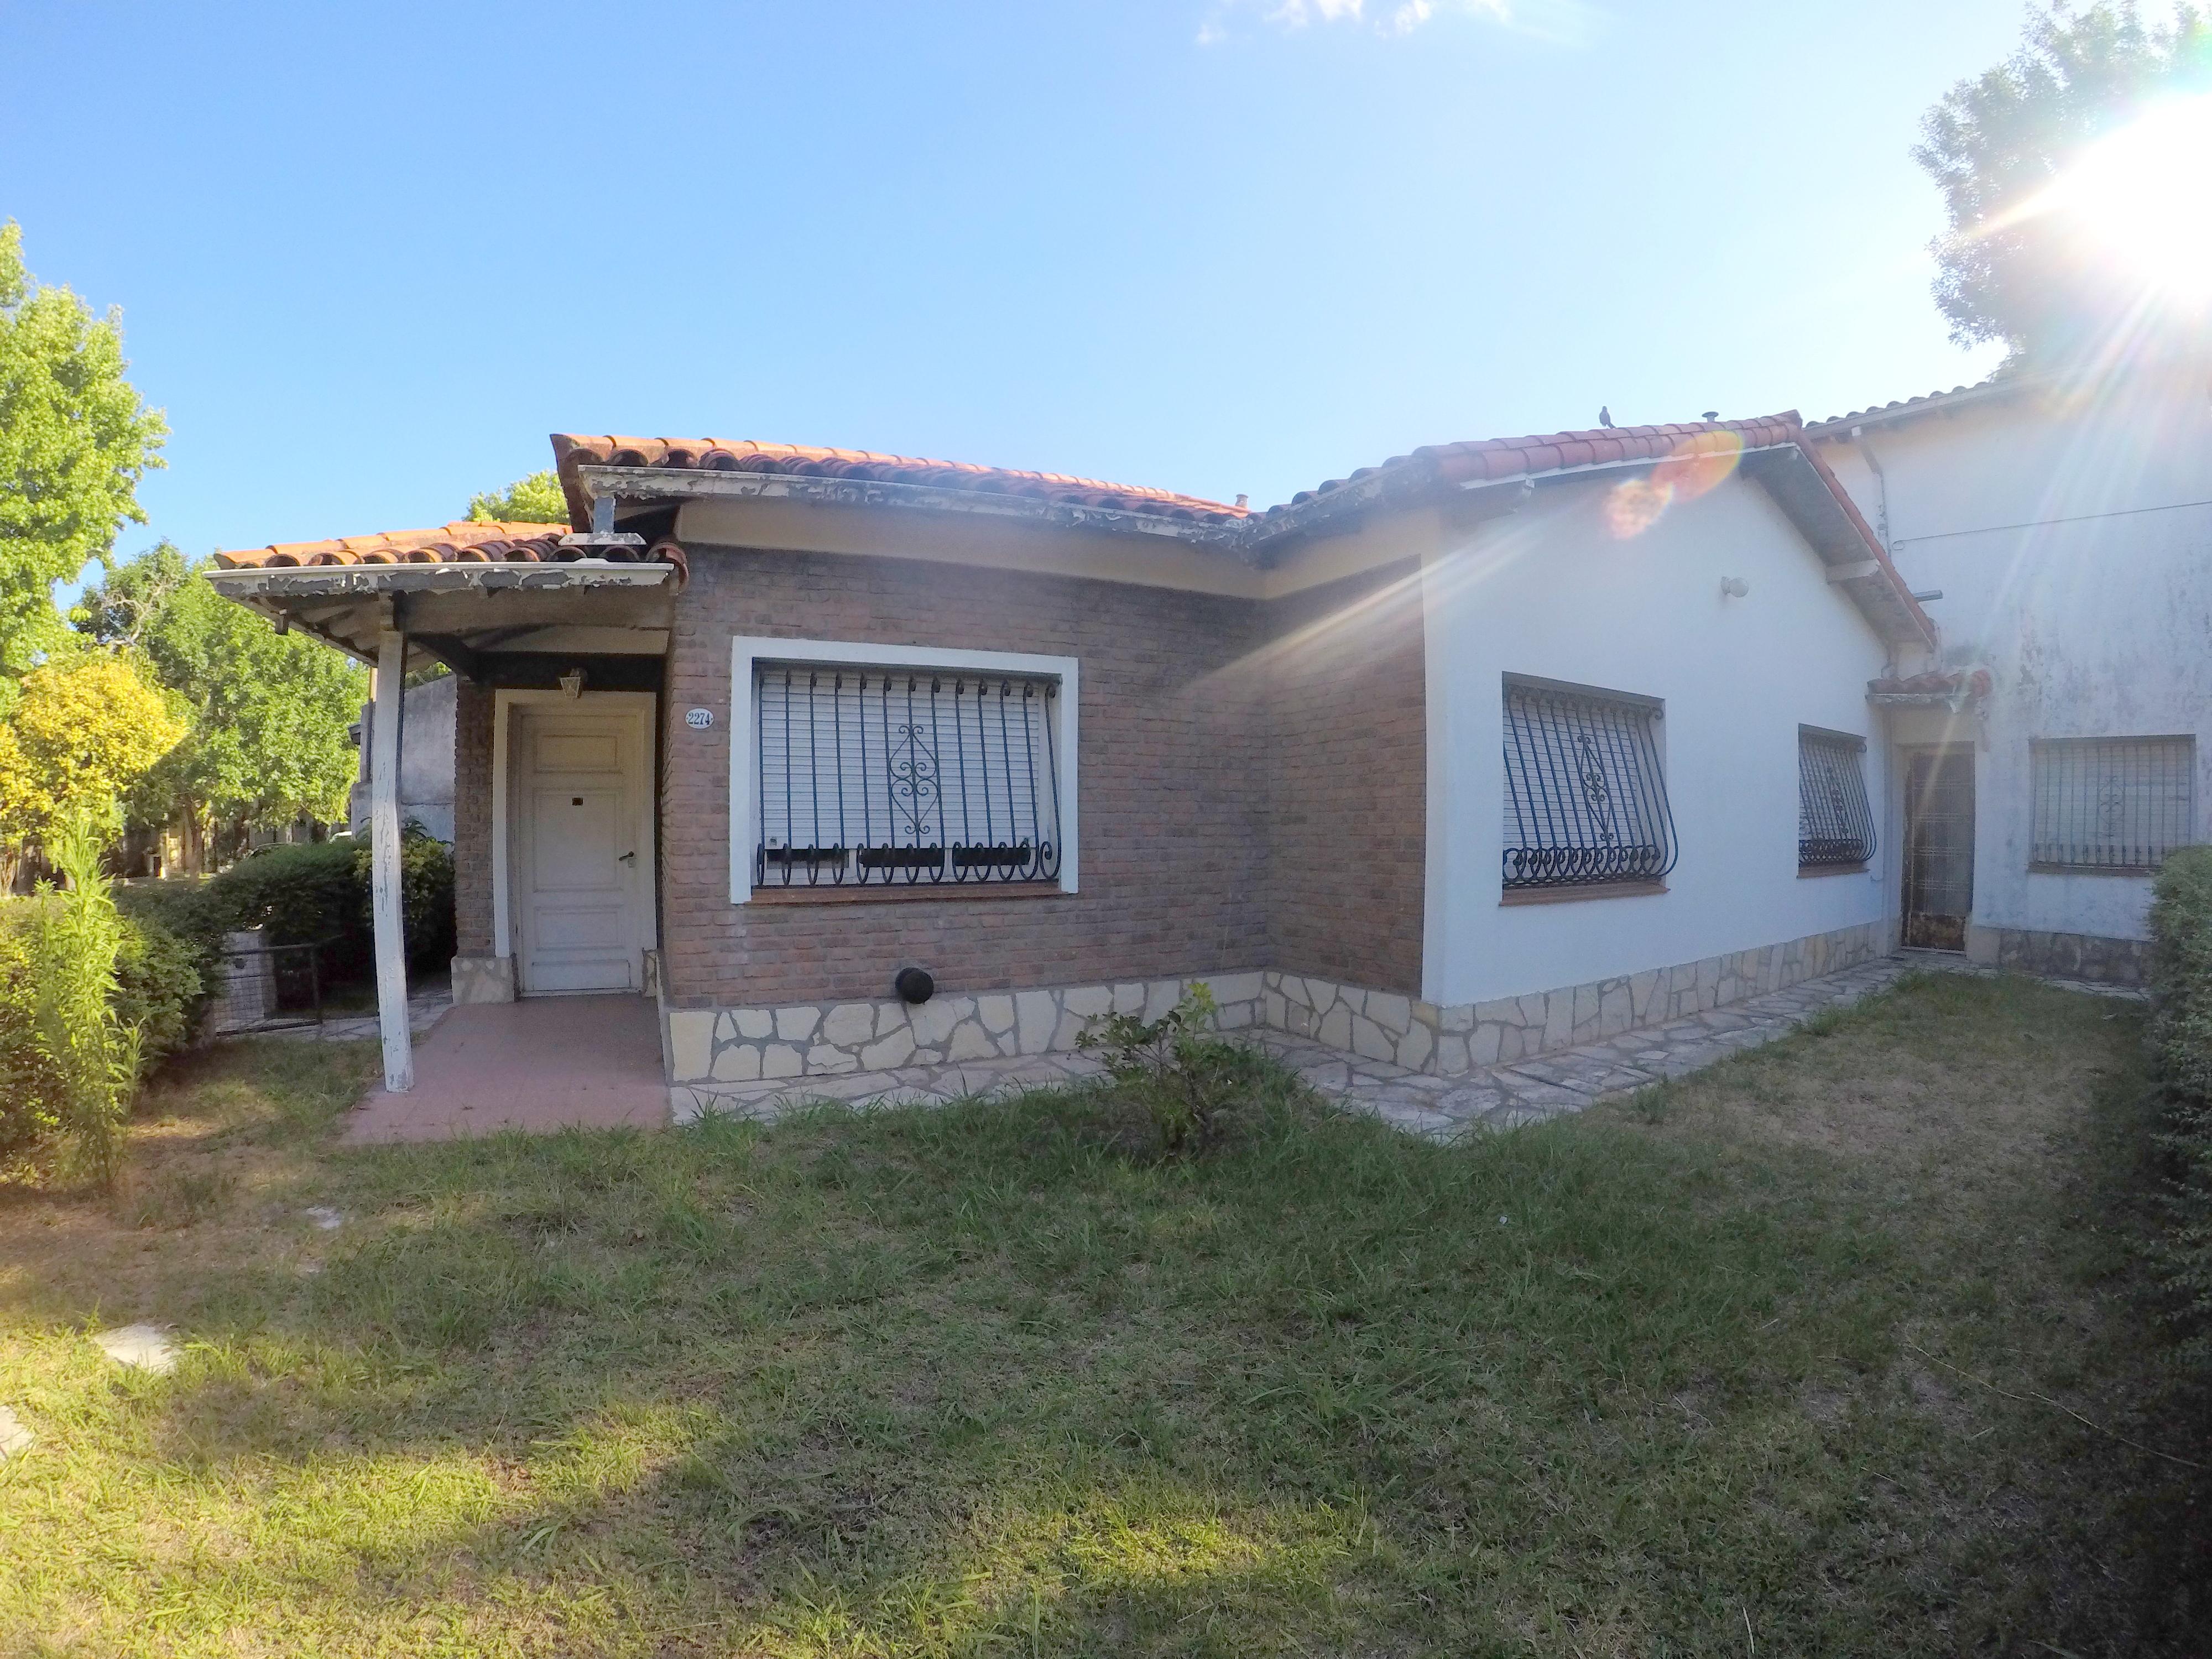 Casa 4 Amb con Jardin, Patio y garage-Dorrego 2200